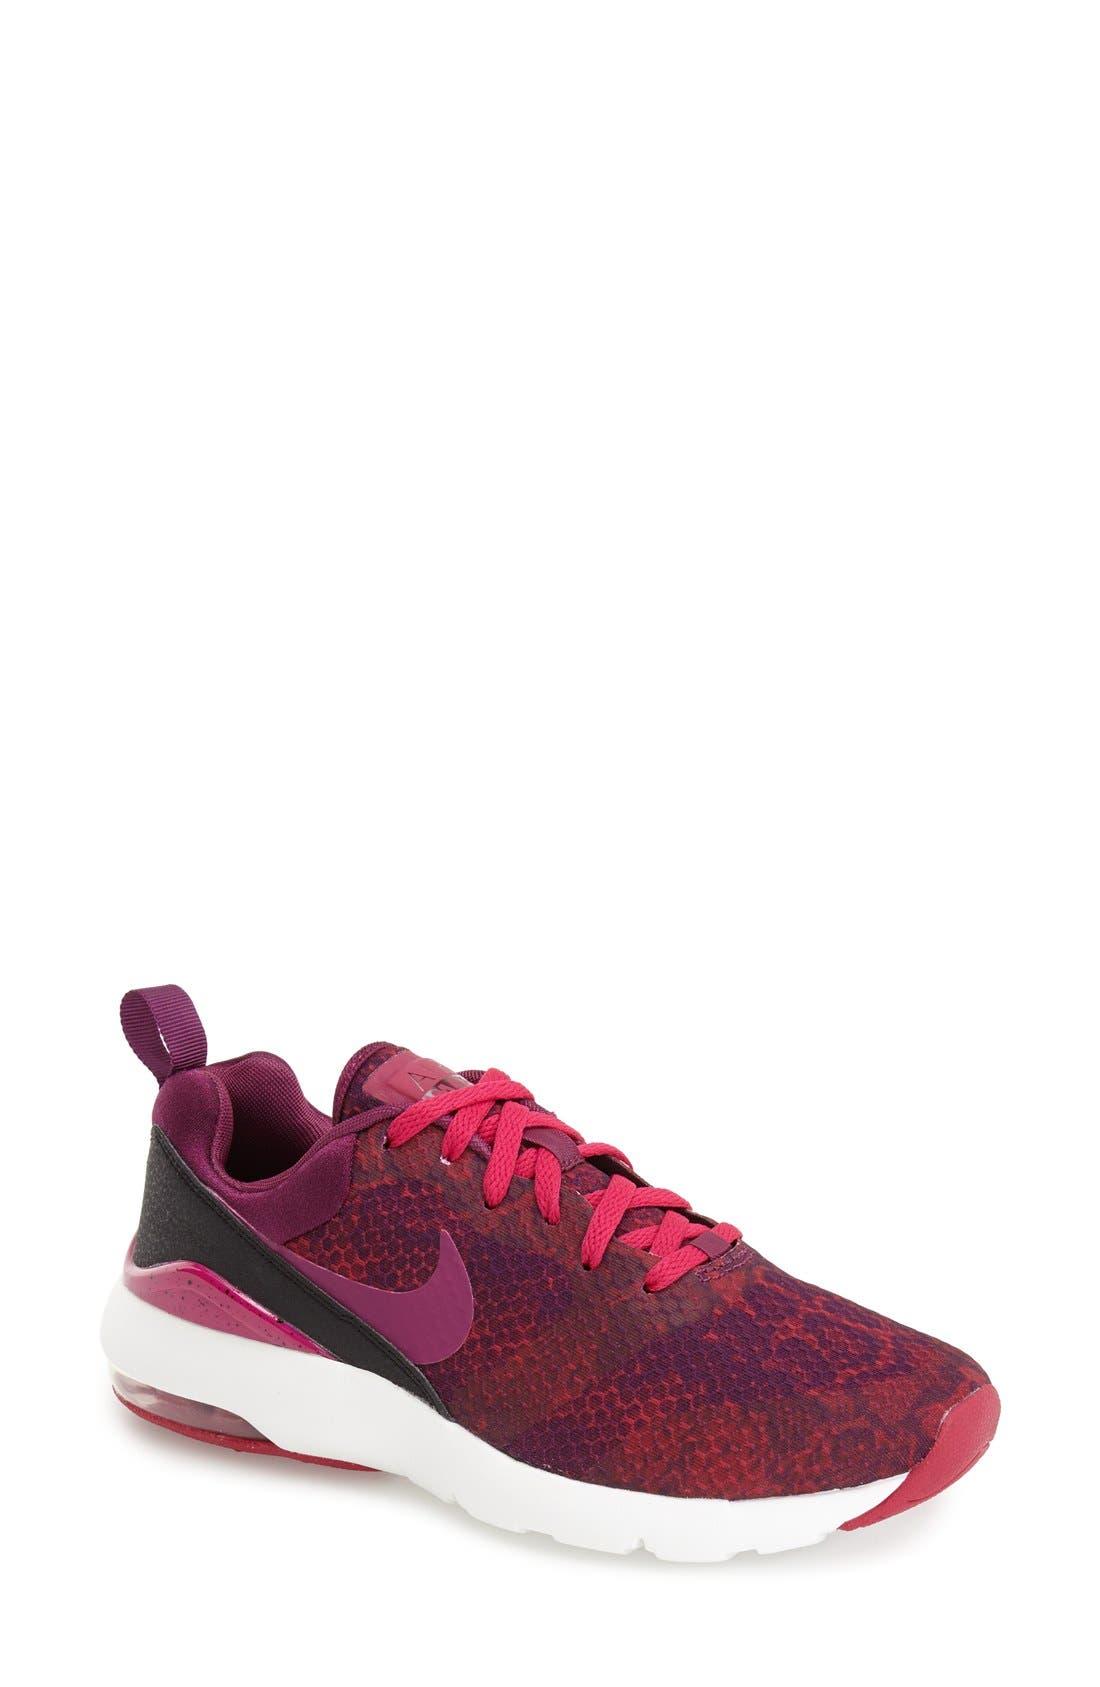 Alternate Image 1 Selected - Nike 'Air Max Siren' Print Sneaker (Women)